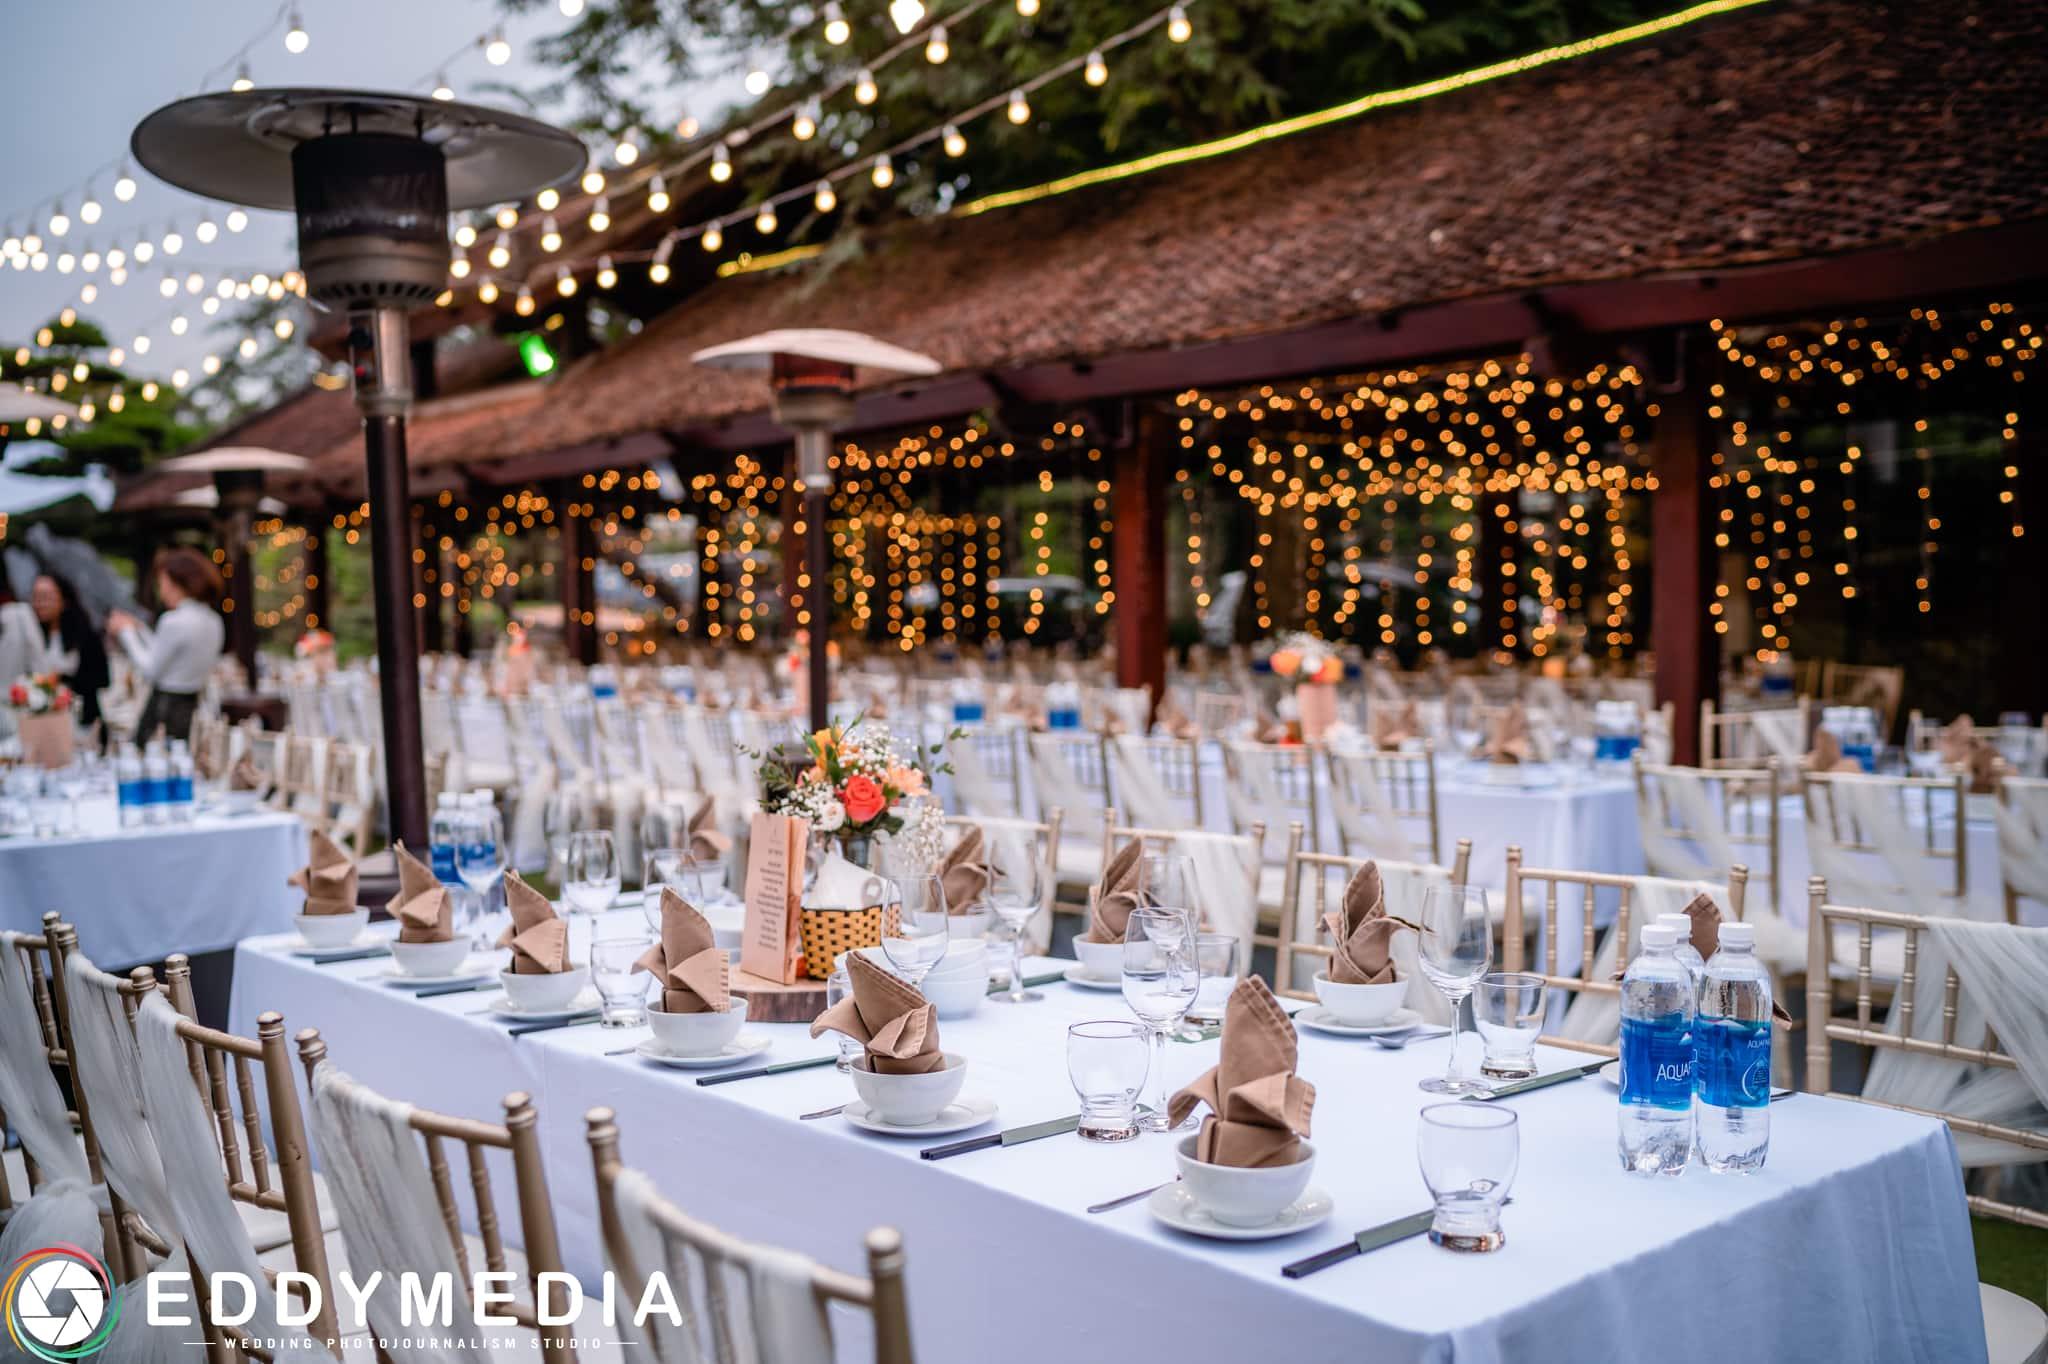 Phongsucuoi TrungHieu ThuPhuong EddyMedia 70 tiệc cưới ngoài trời